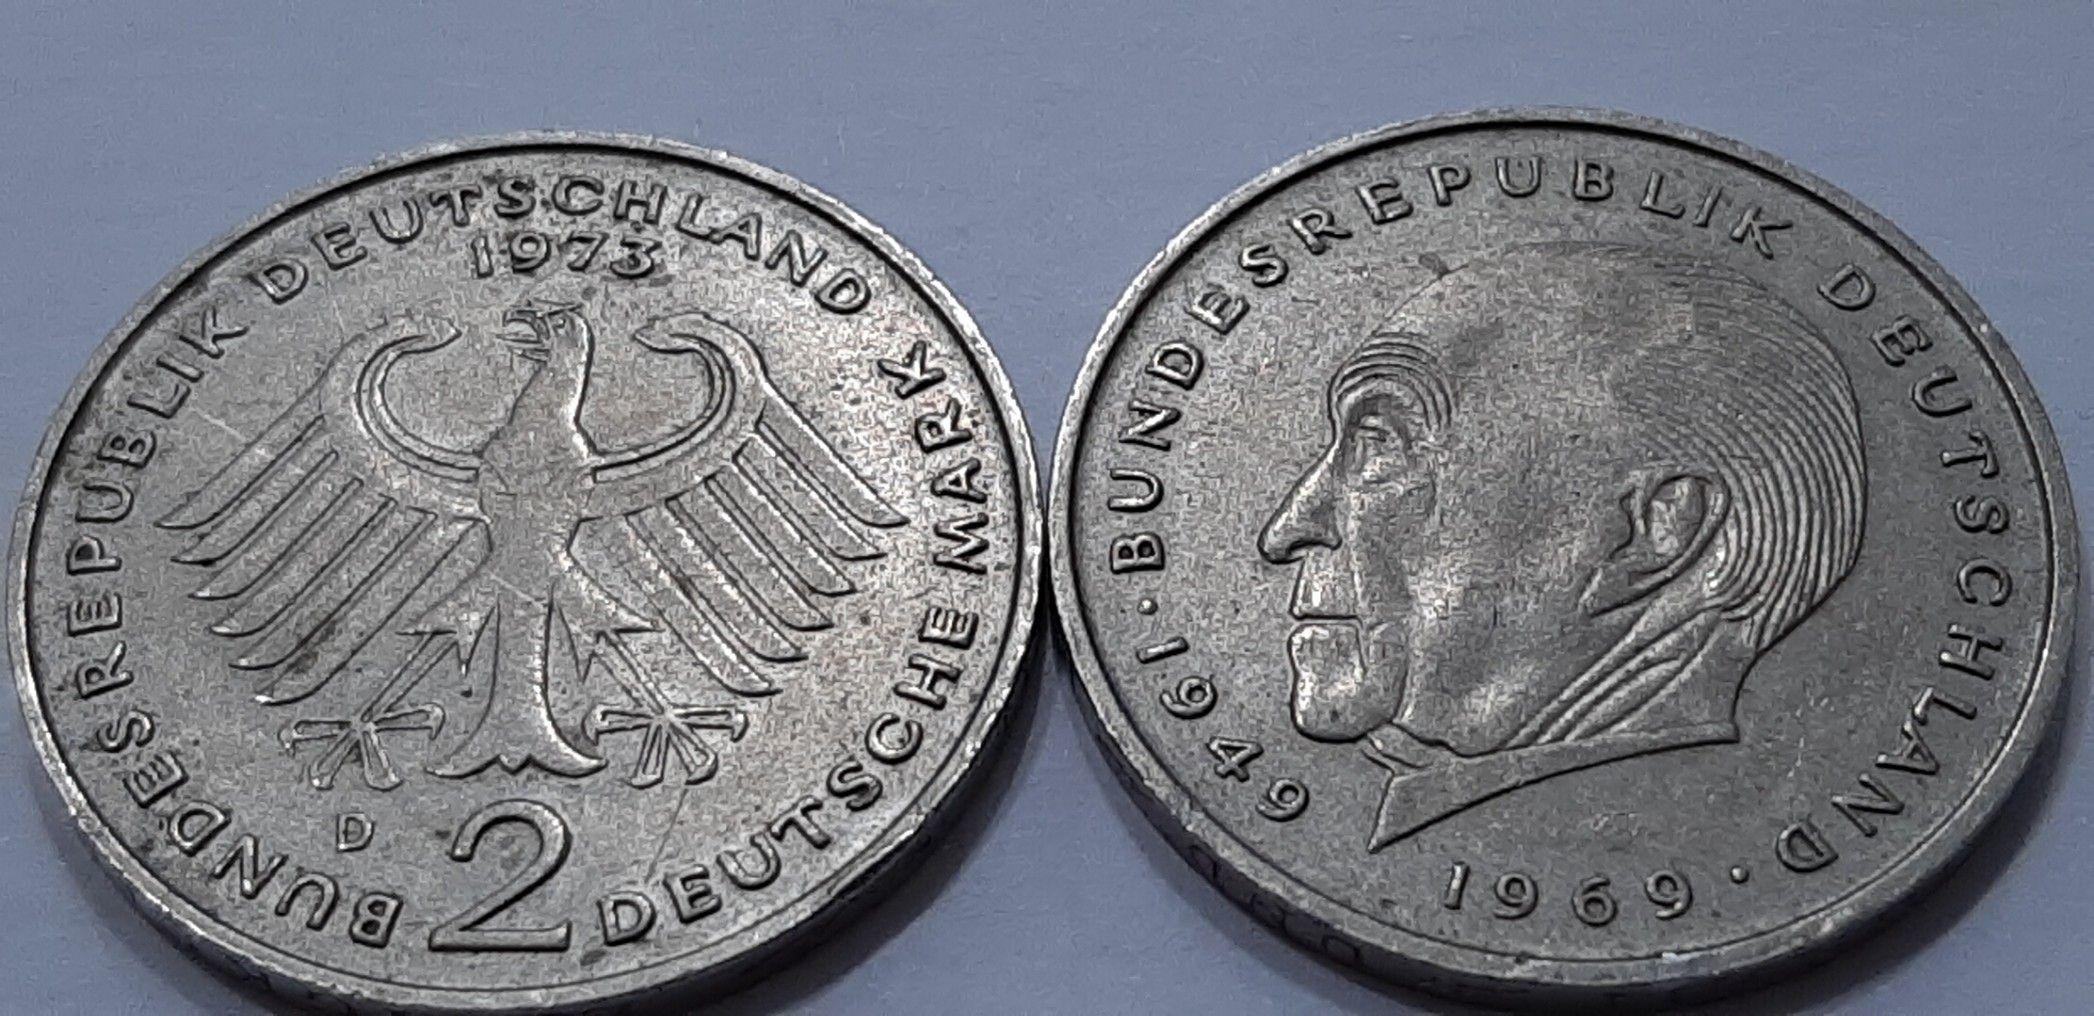 2 deutsche Mark Bundesrepublik Deutschland 1973 Old